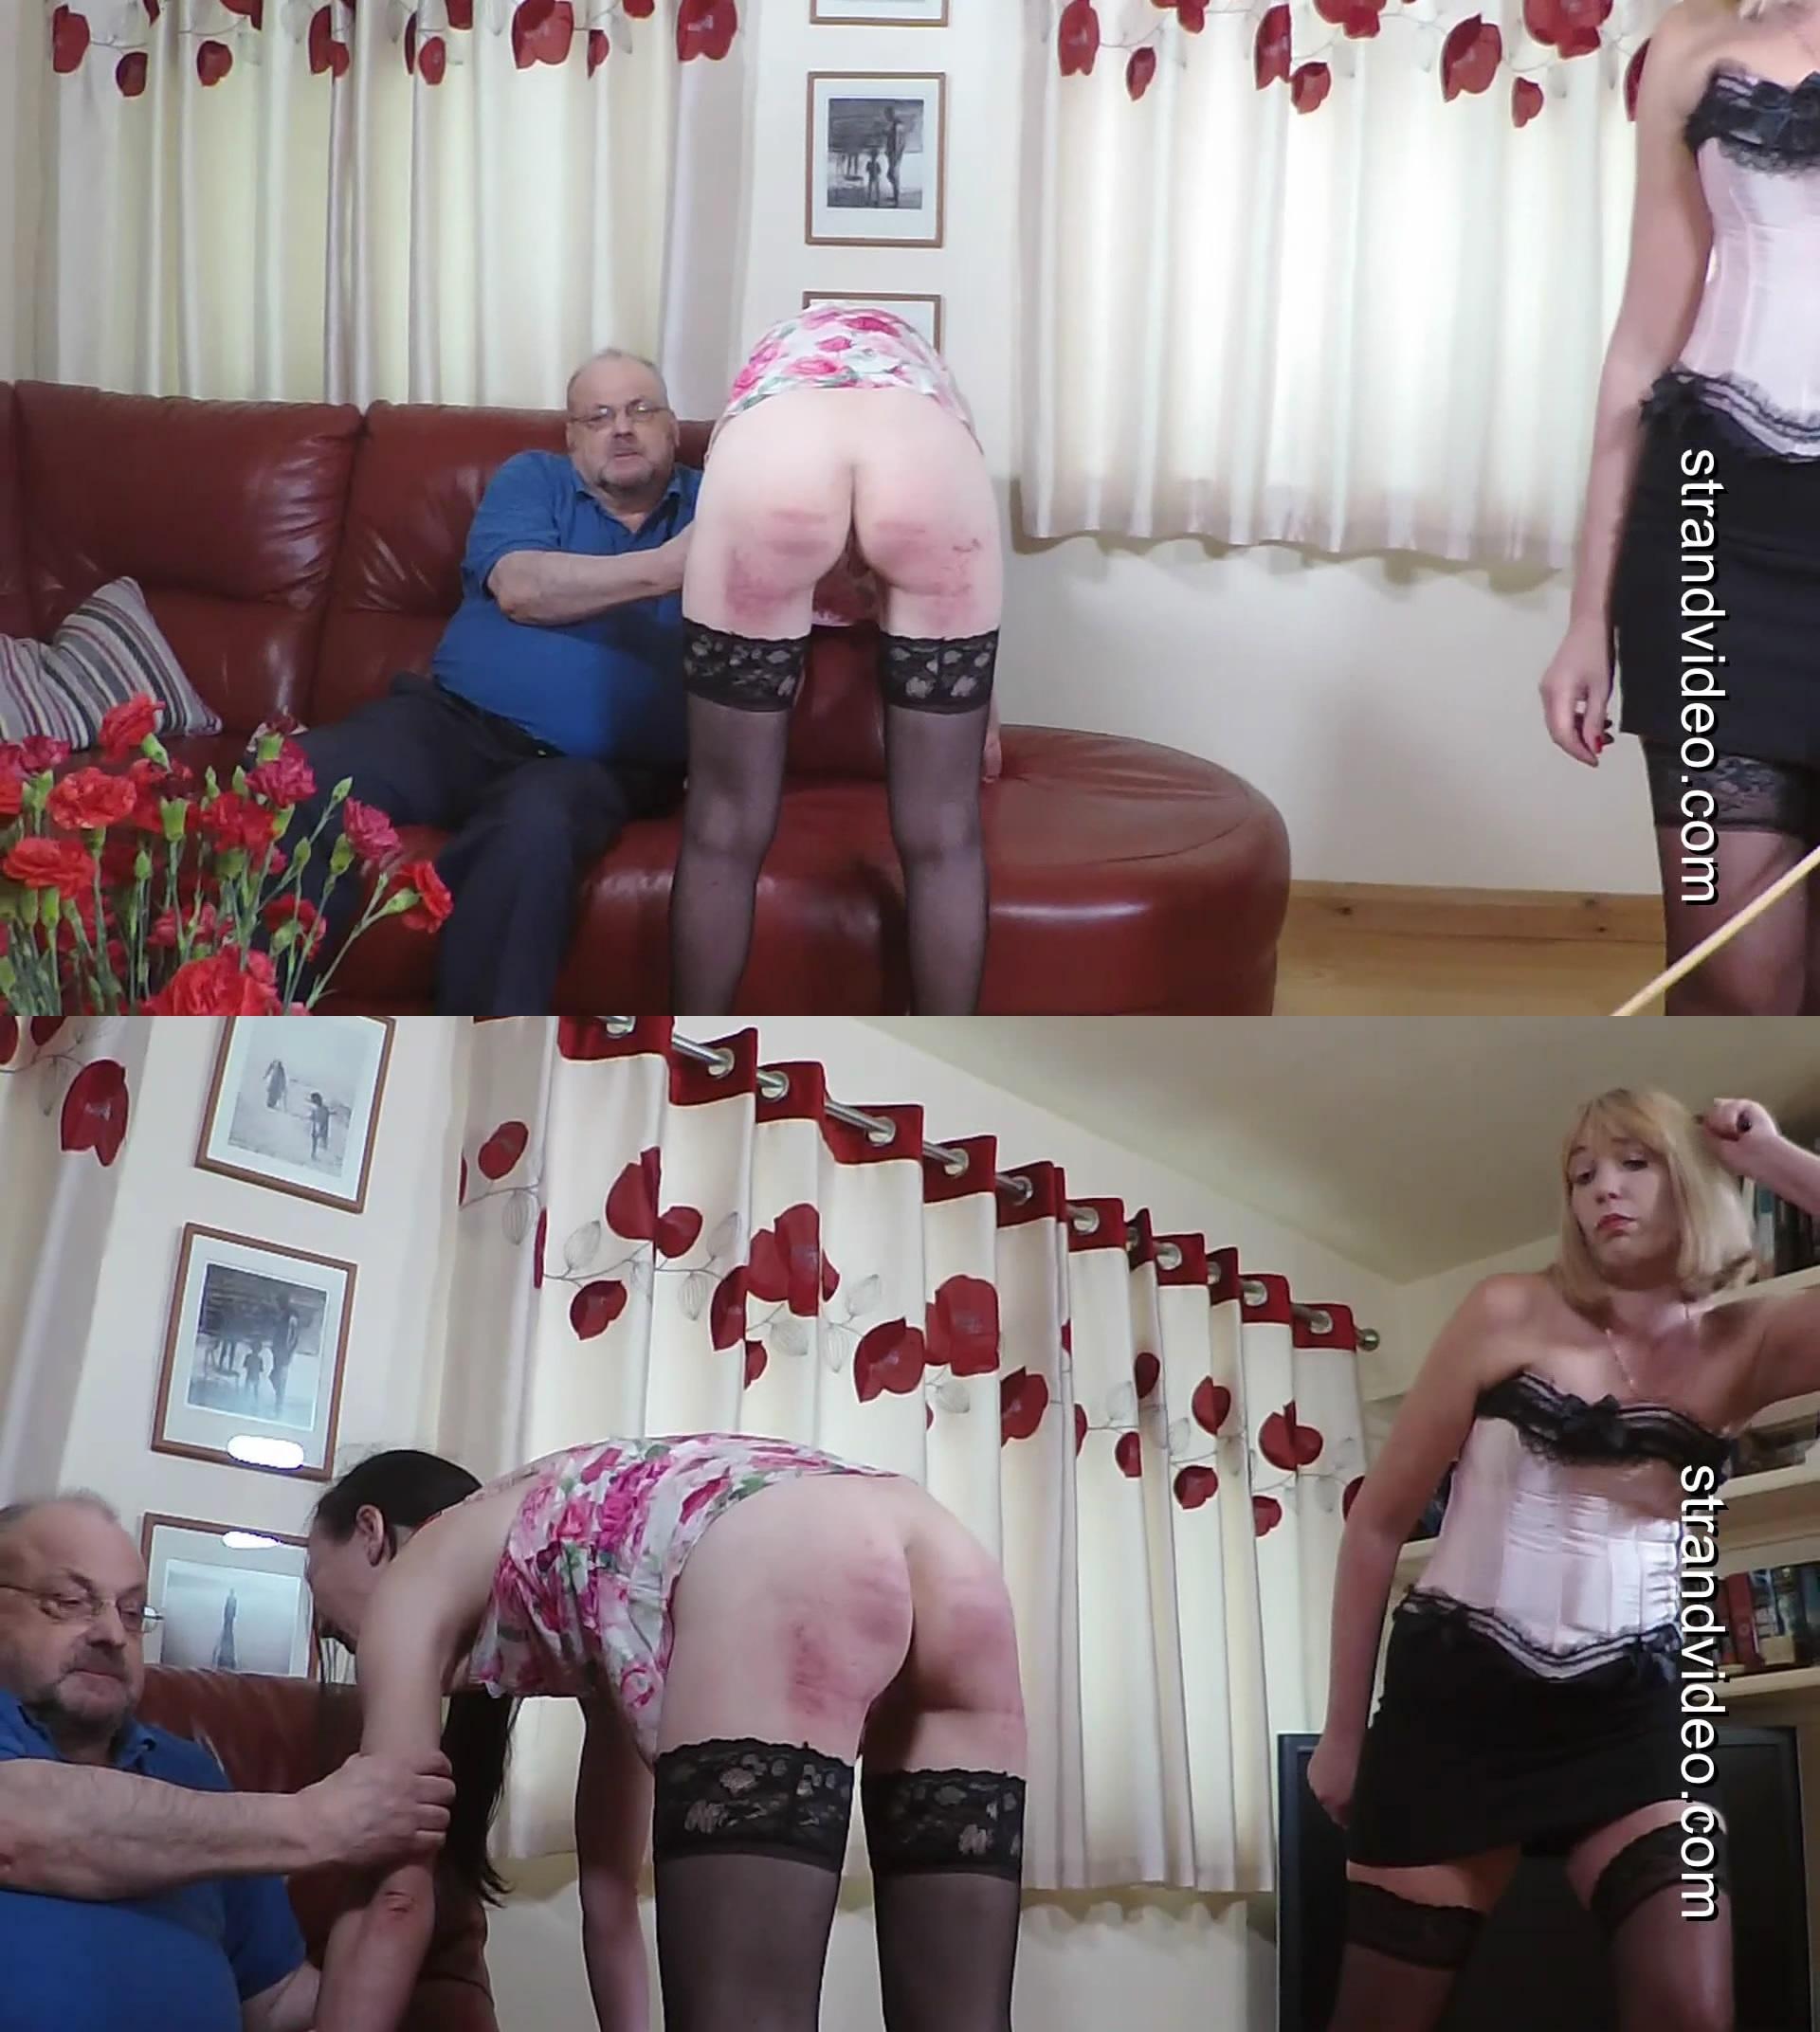 MP4/Full HD – Lolani, Jim, Sarah Stern – The Ultimate Punishment